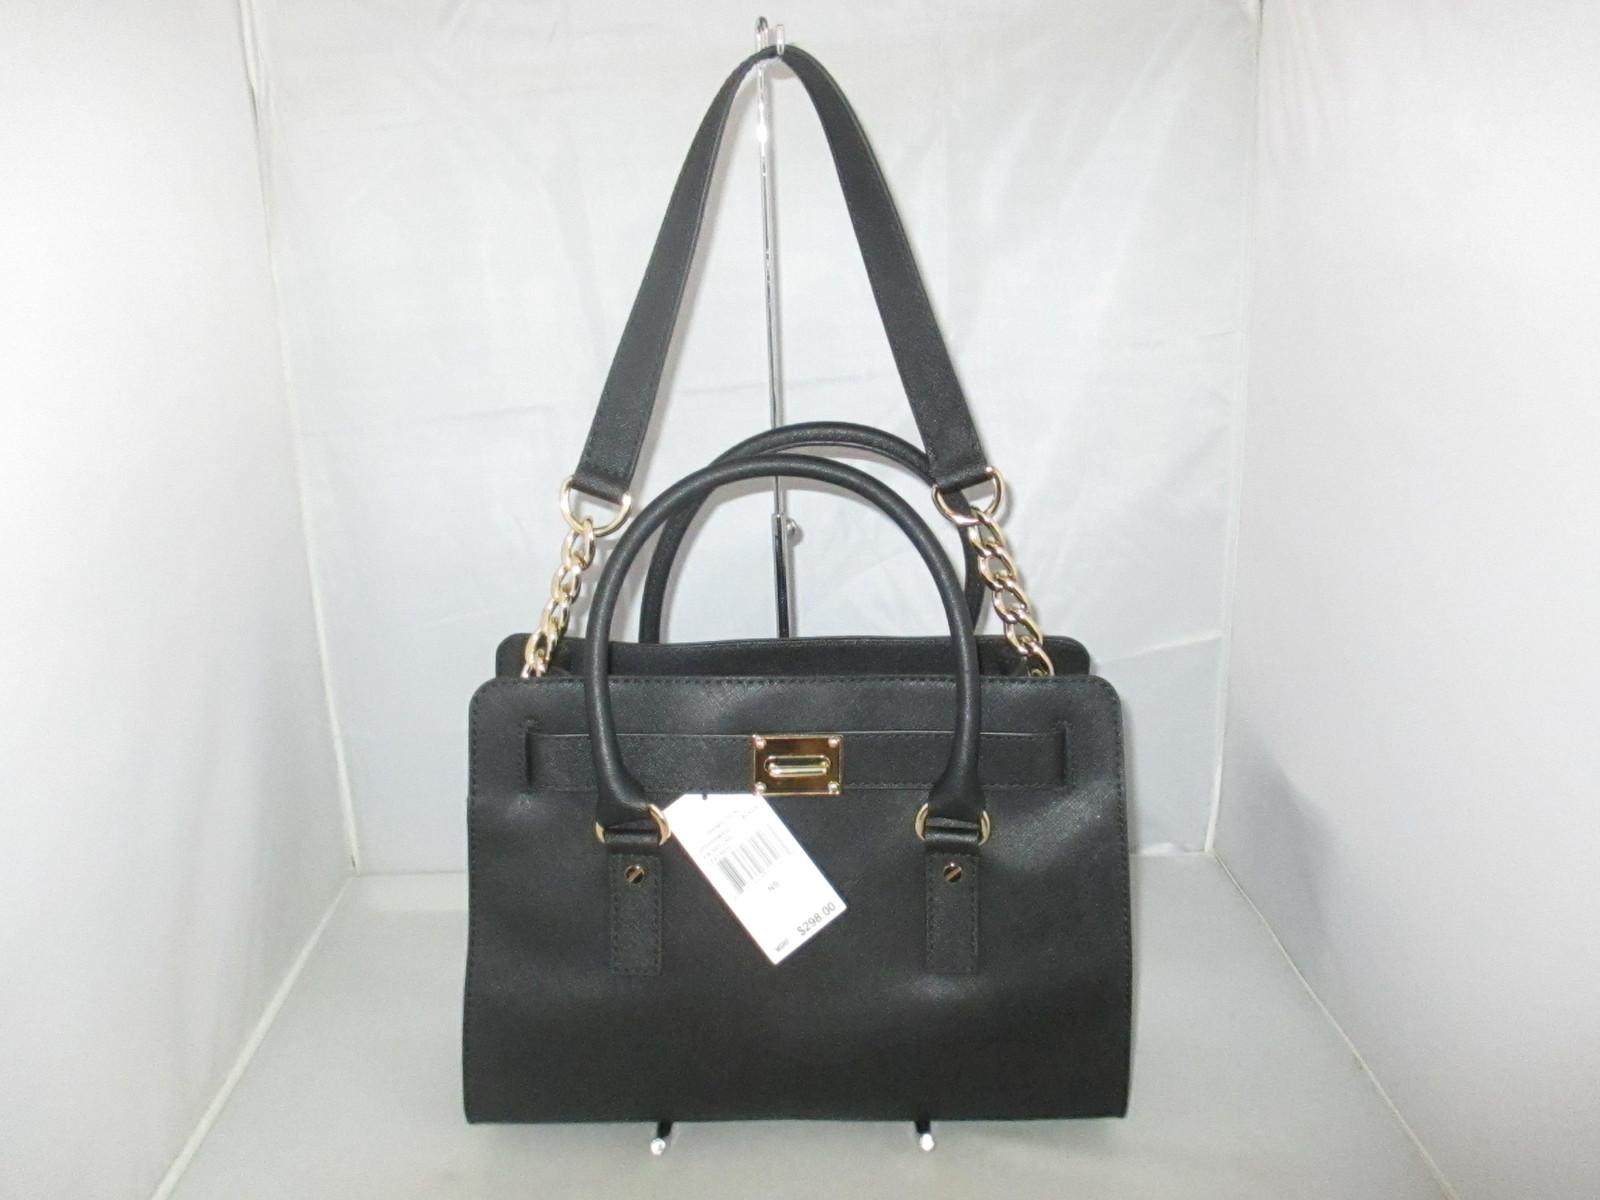 0dde05737810e2 Michael Kors Hamilton Saffiano Leather and 48 similar items